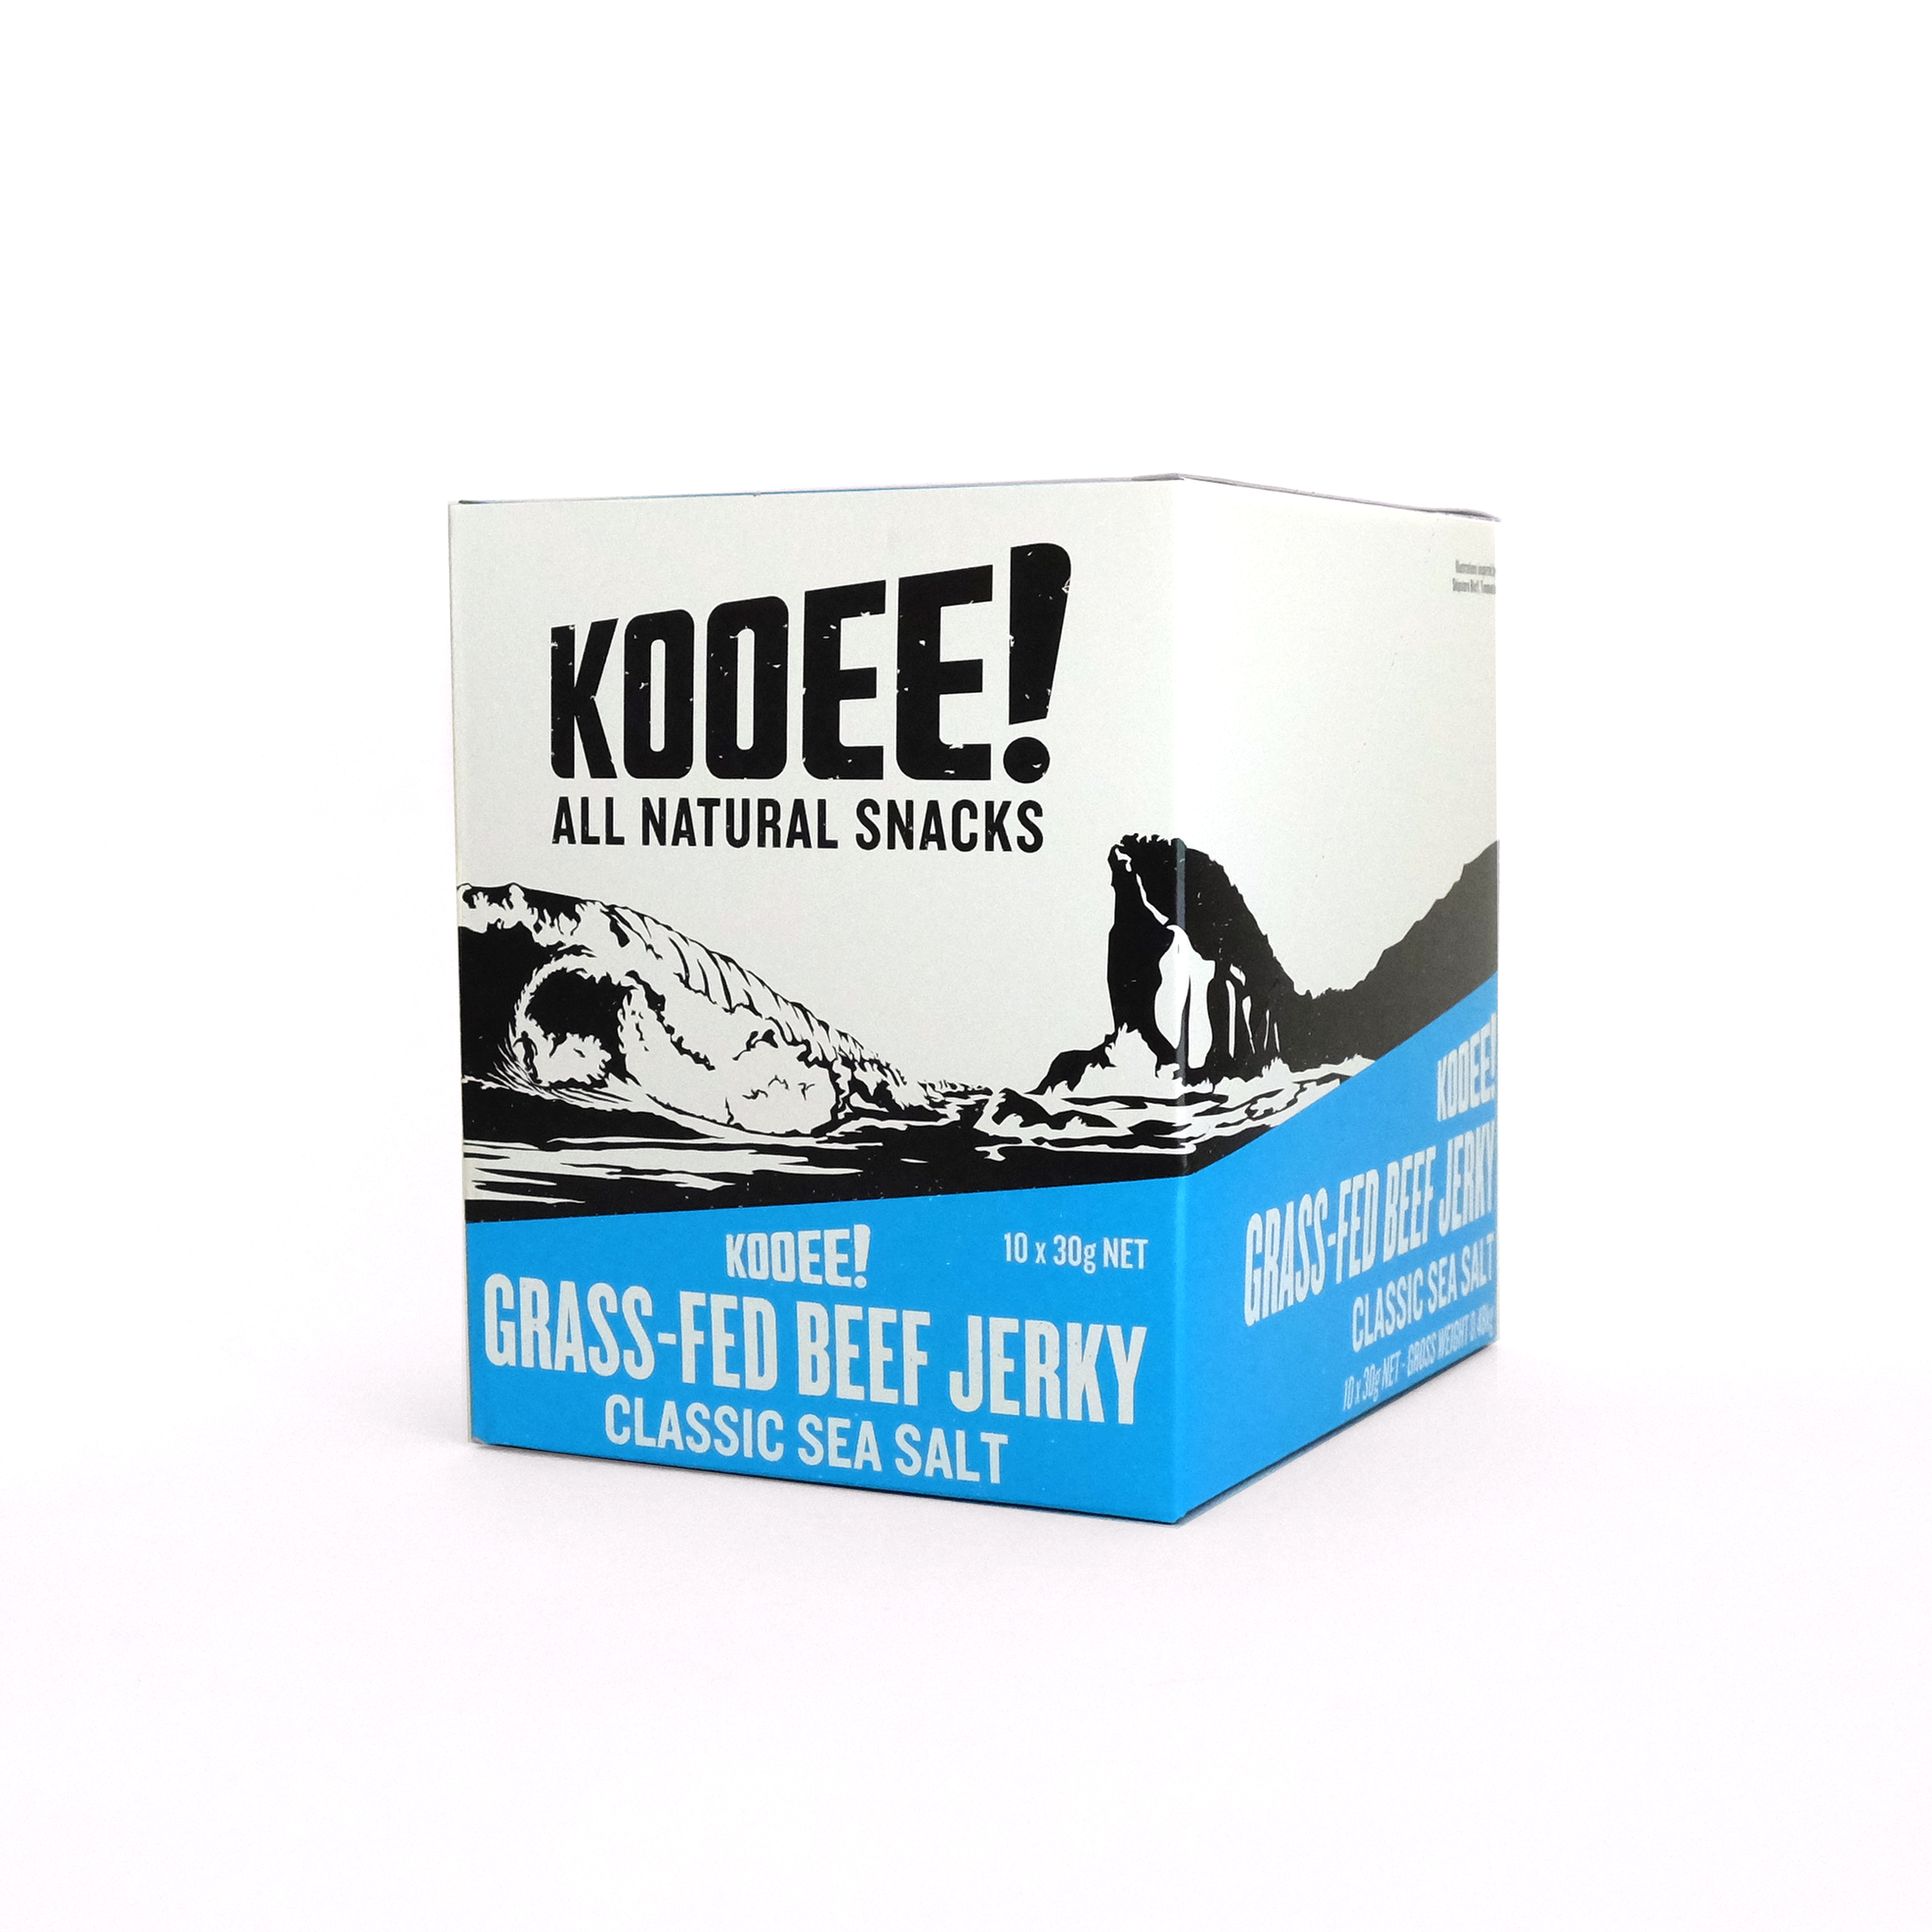 Classic Sea Salt | 10 packs - KOOEE! All Natural Snacks